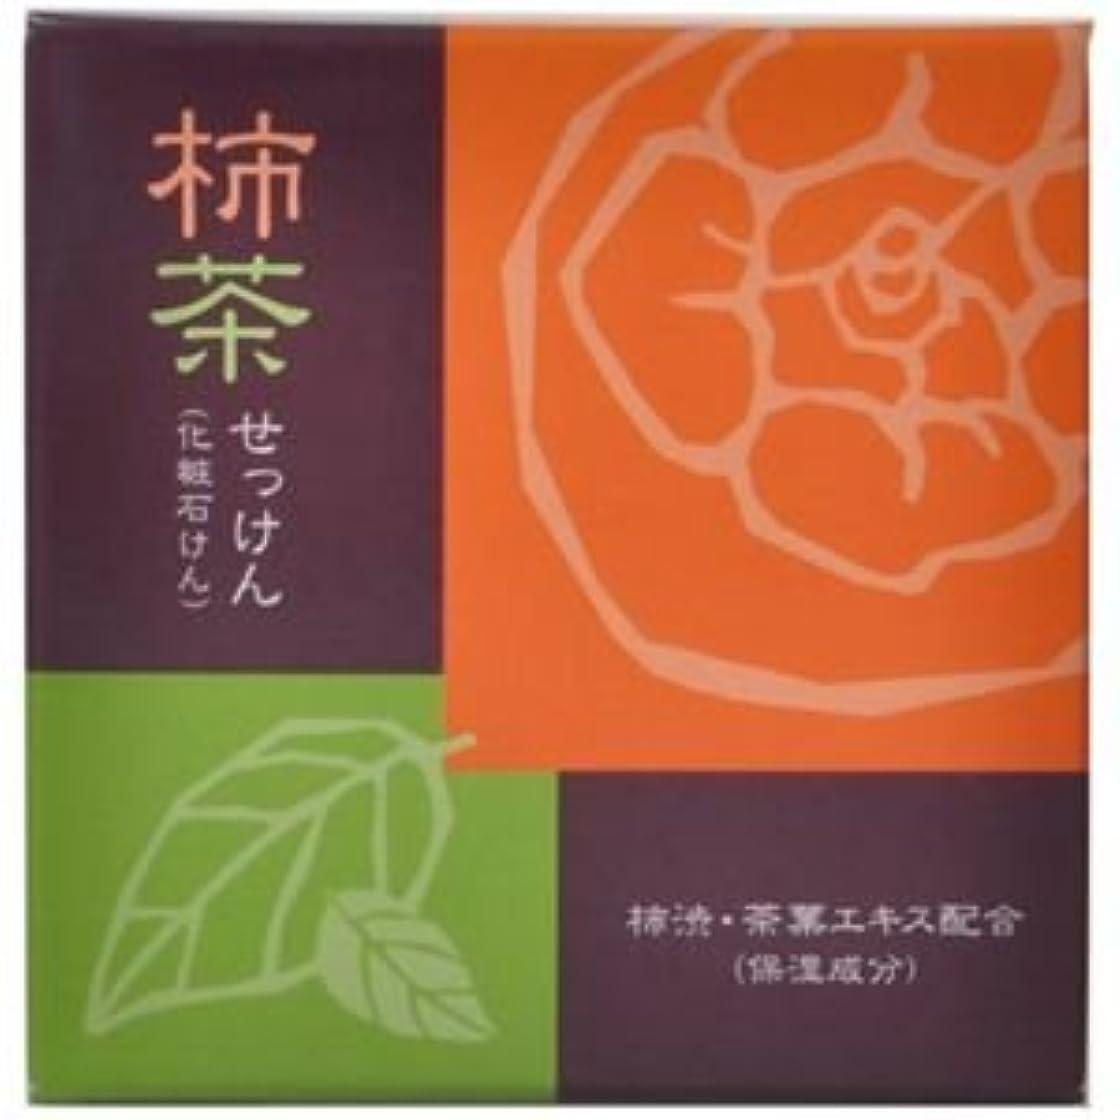 レディヘビーシャトル柿茶石けん 80g 【3セット】